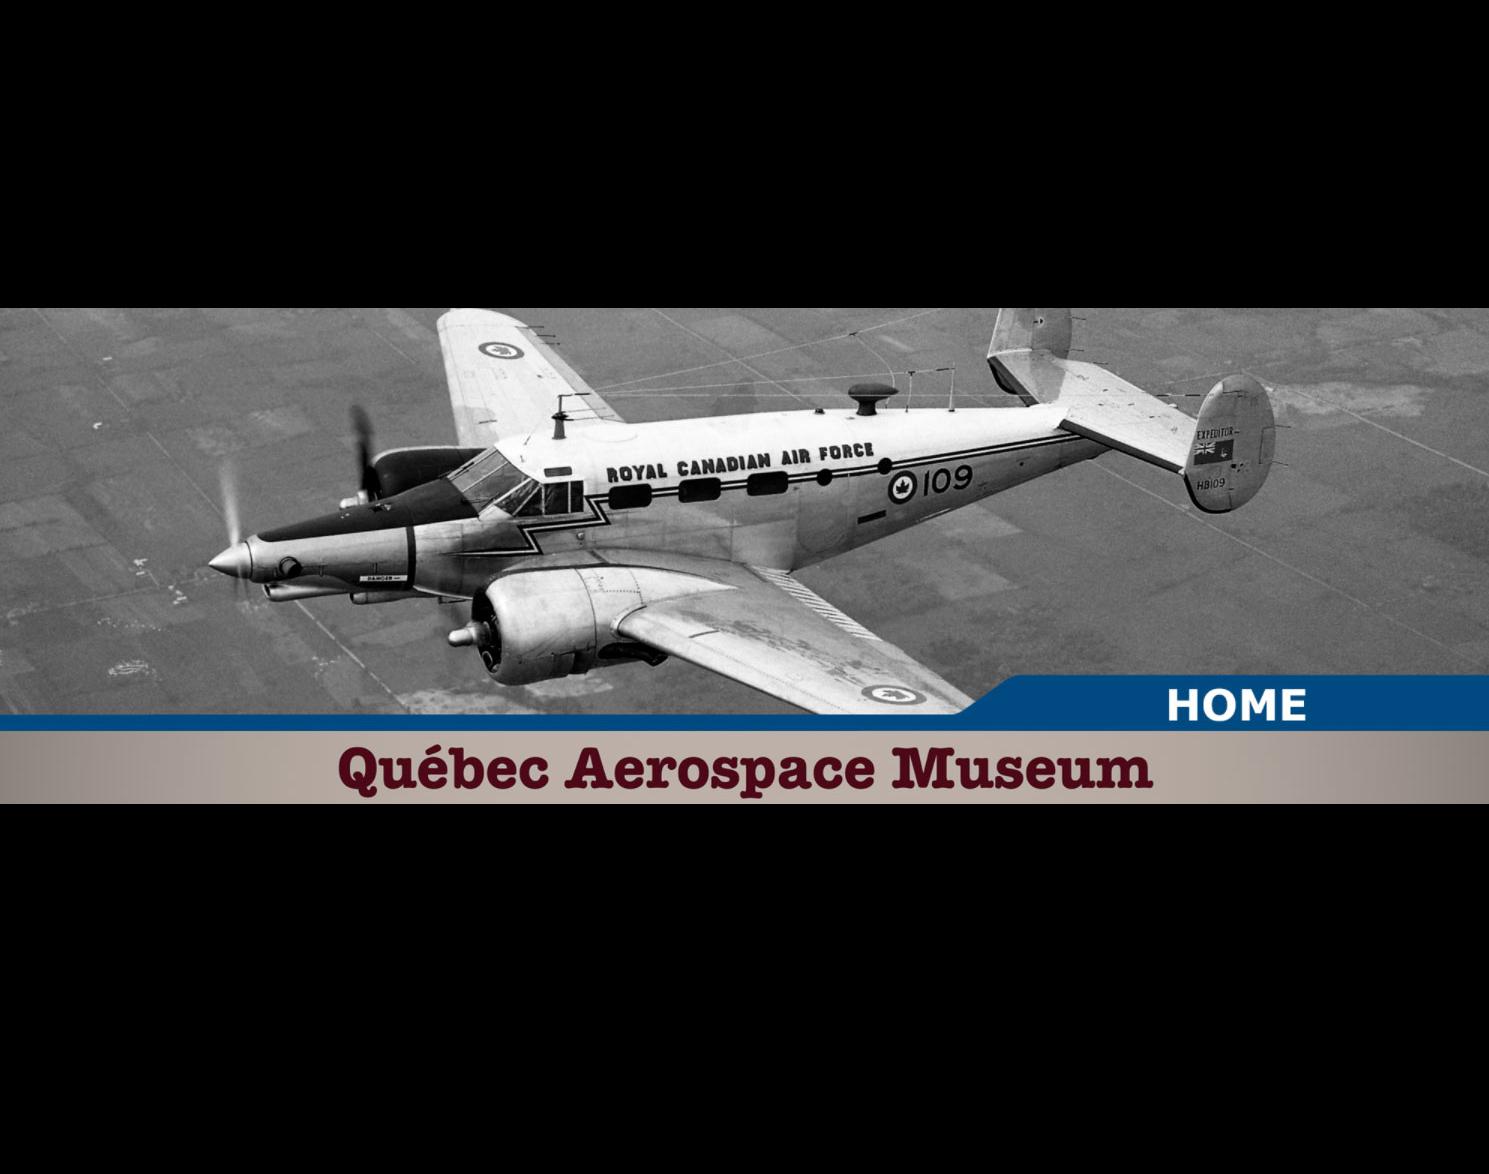 Quebec Aerospace Museum